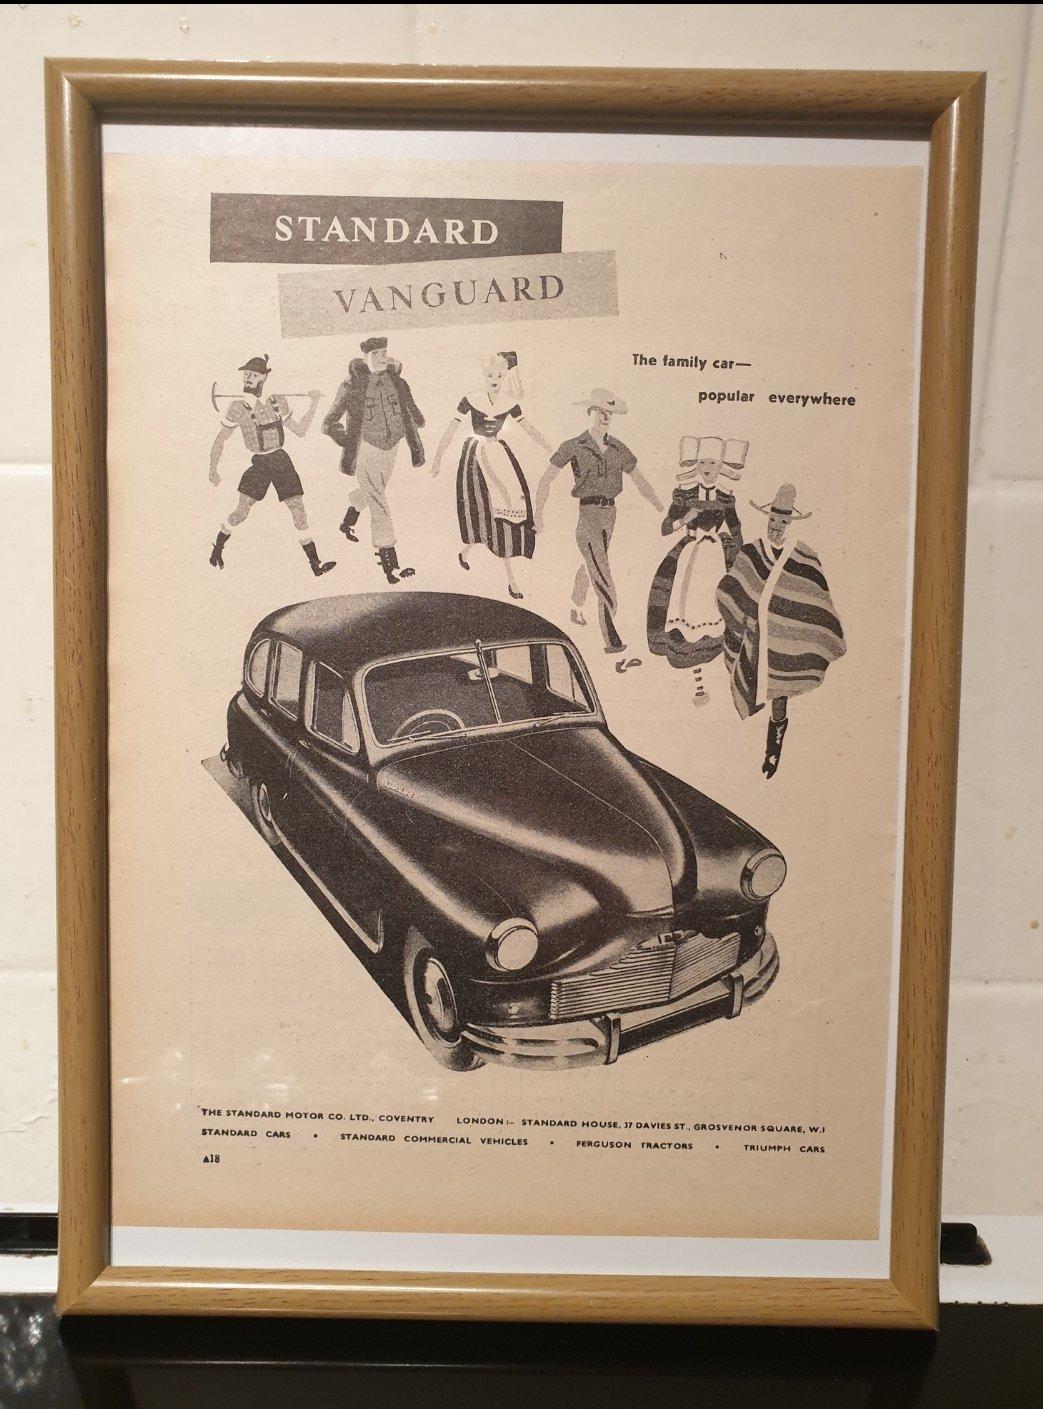 1949 Standard Vanguard Framed Advert Original  For Sale (picture 1 of 2)